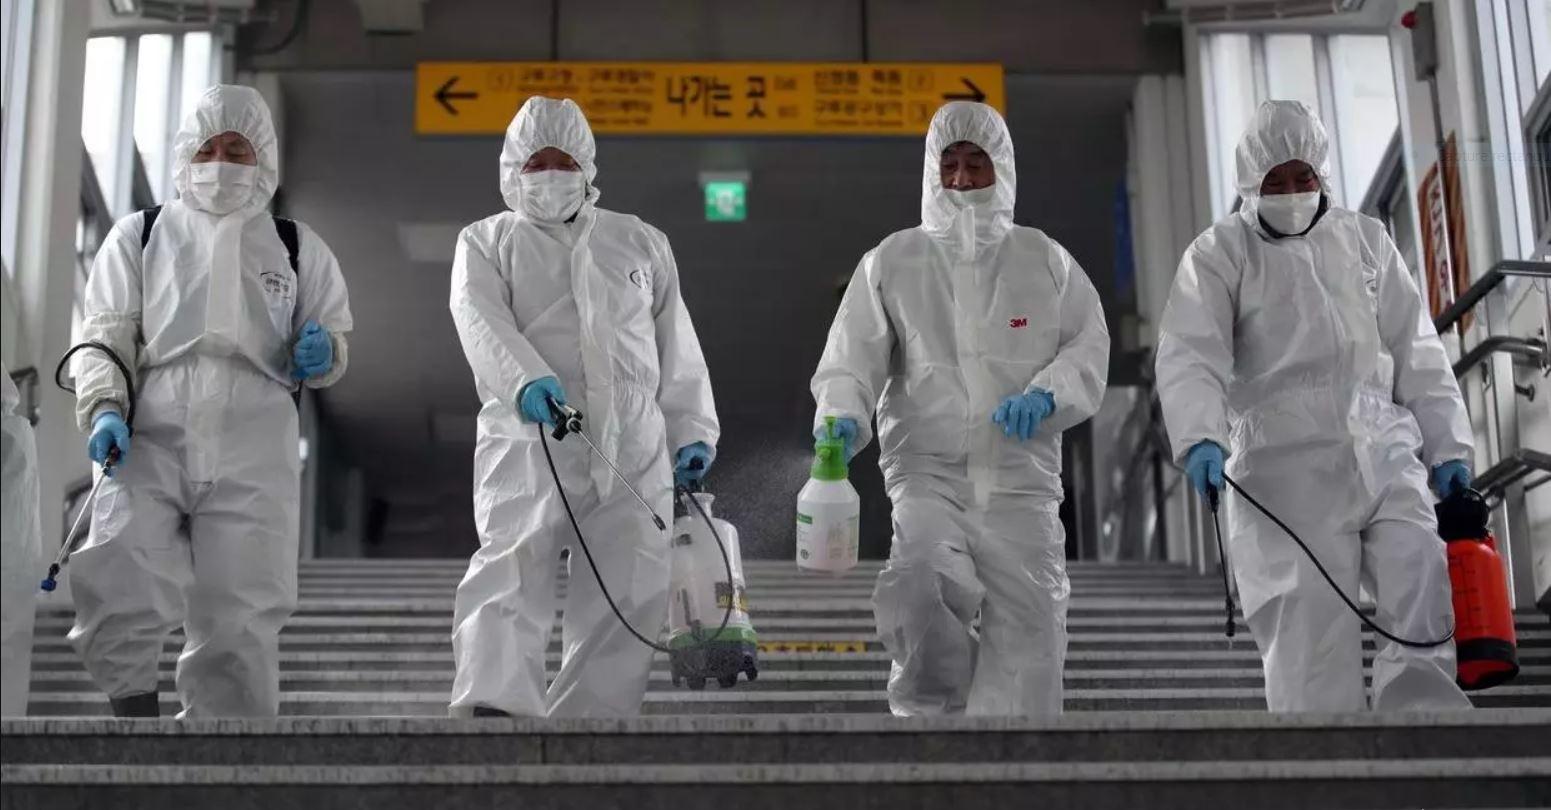 La pandémie de coronavirus s'essouffle presque partout dans le monde